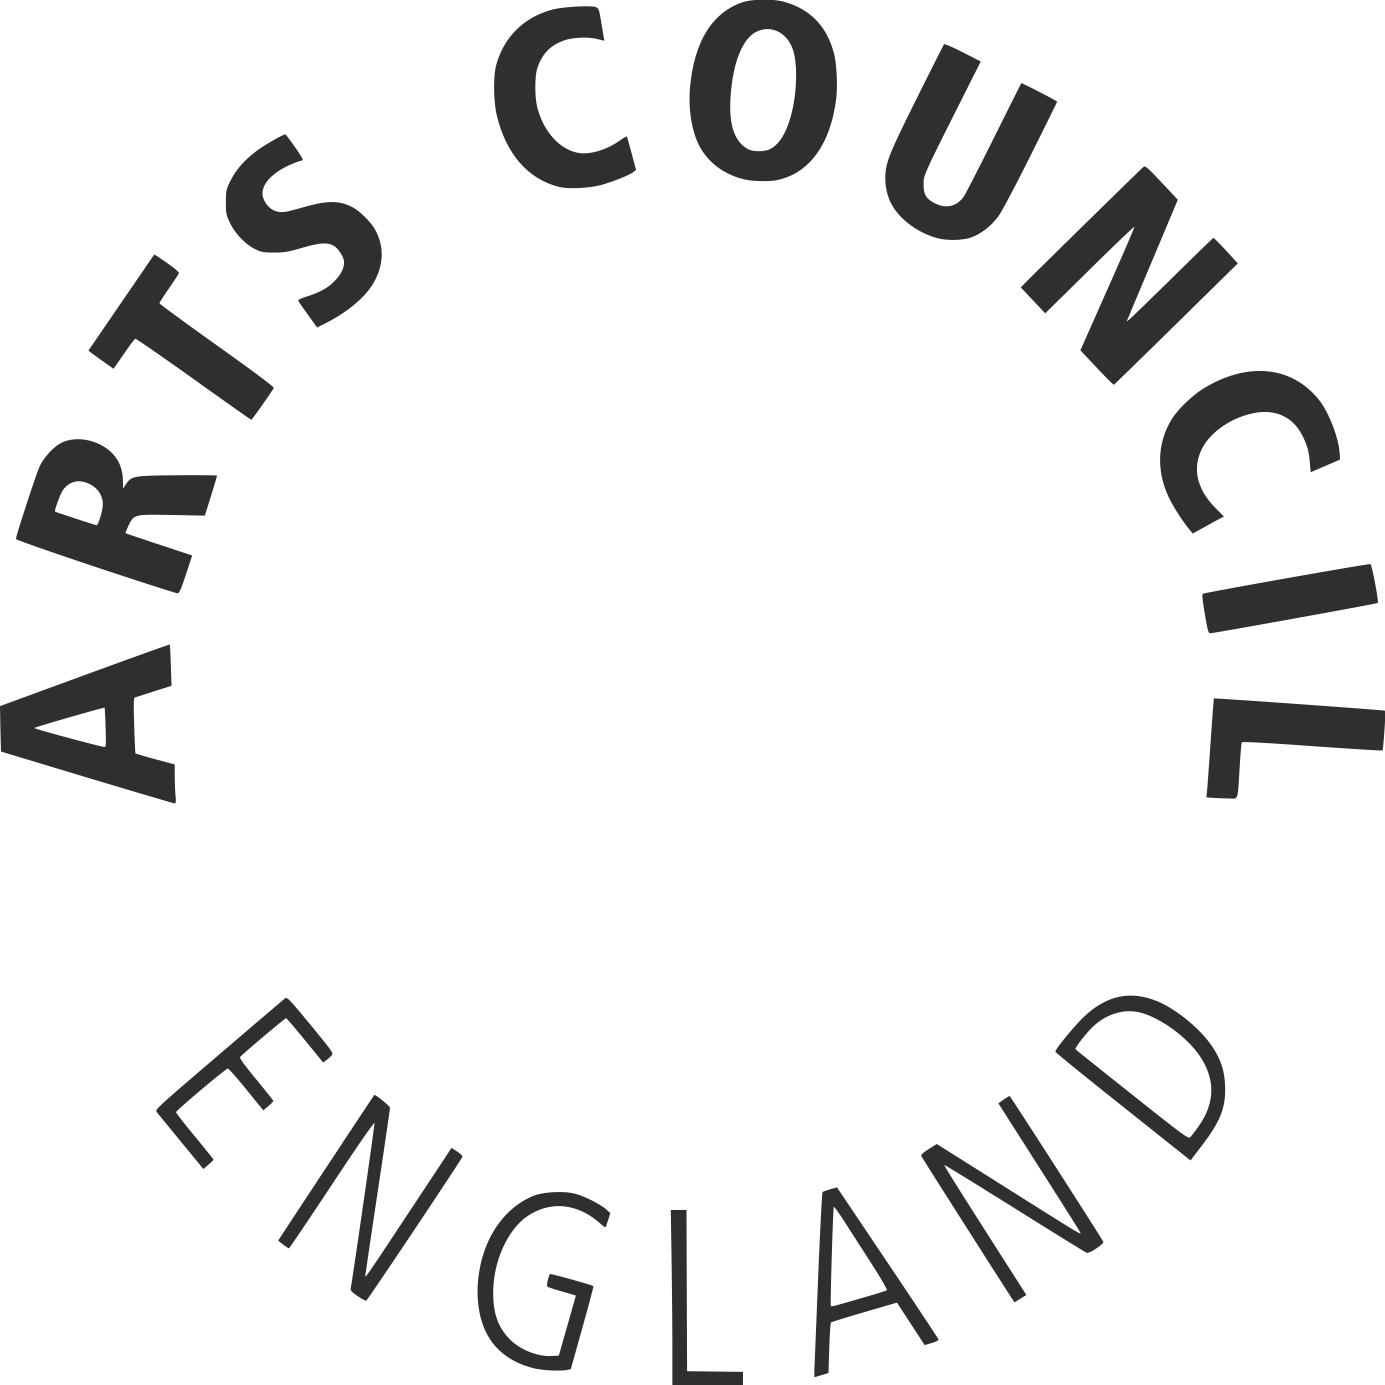 Arts cCuncil England Logo